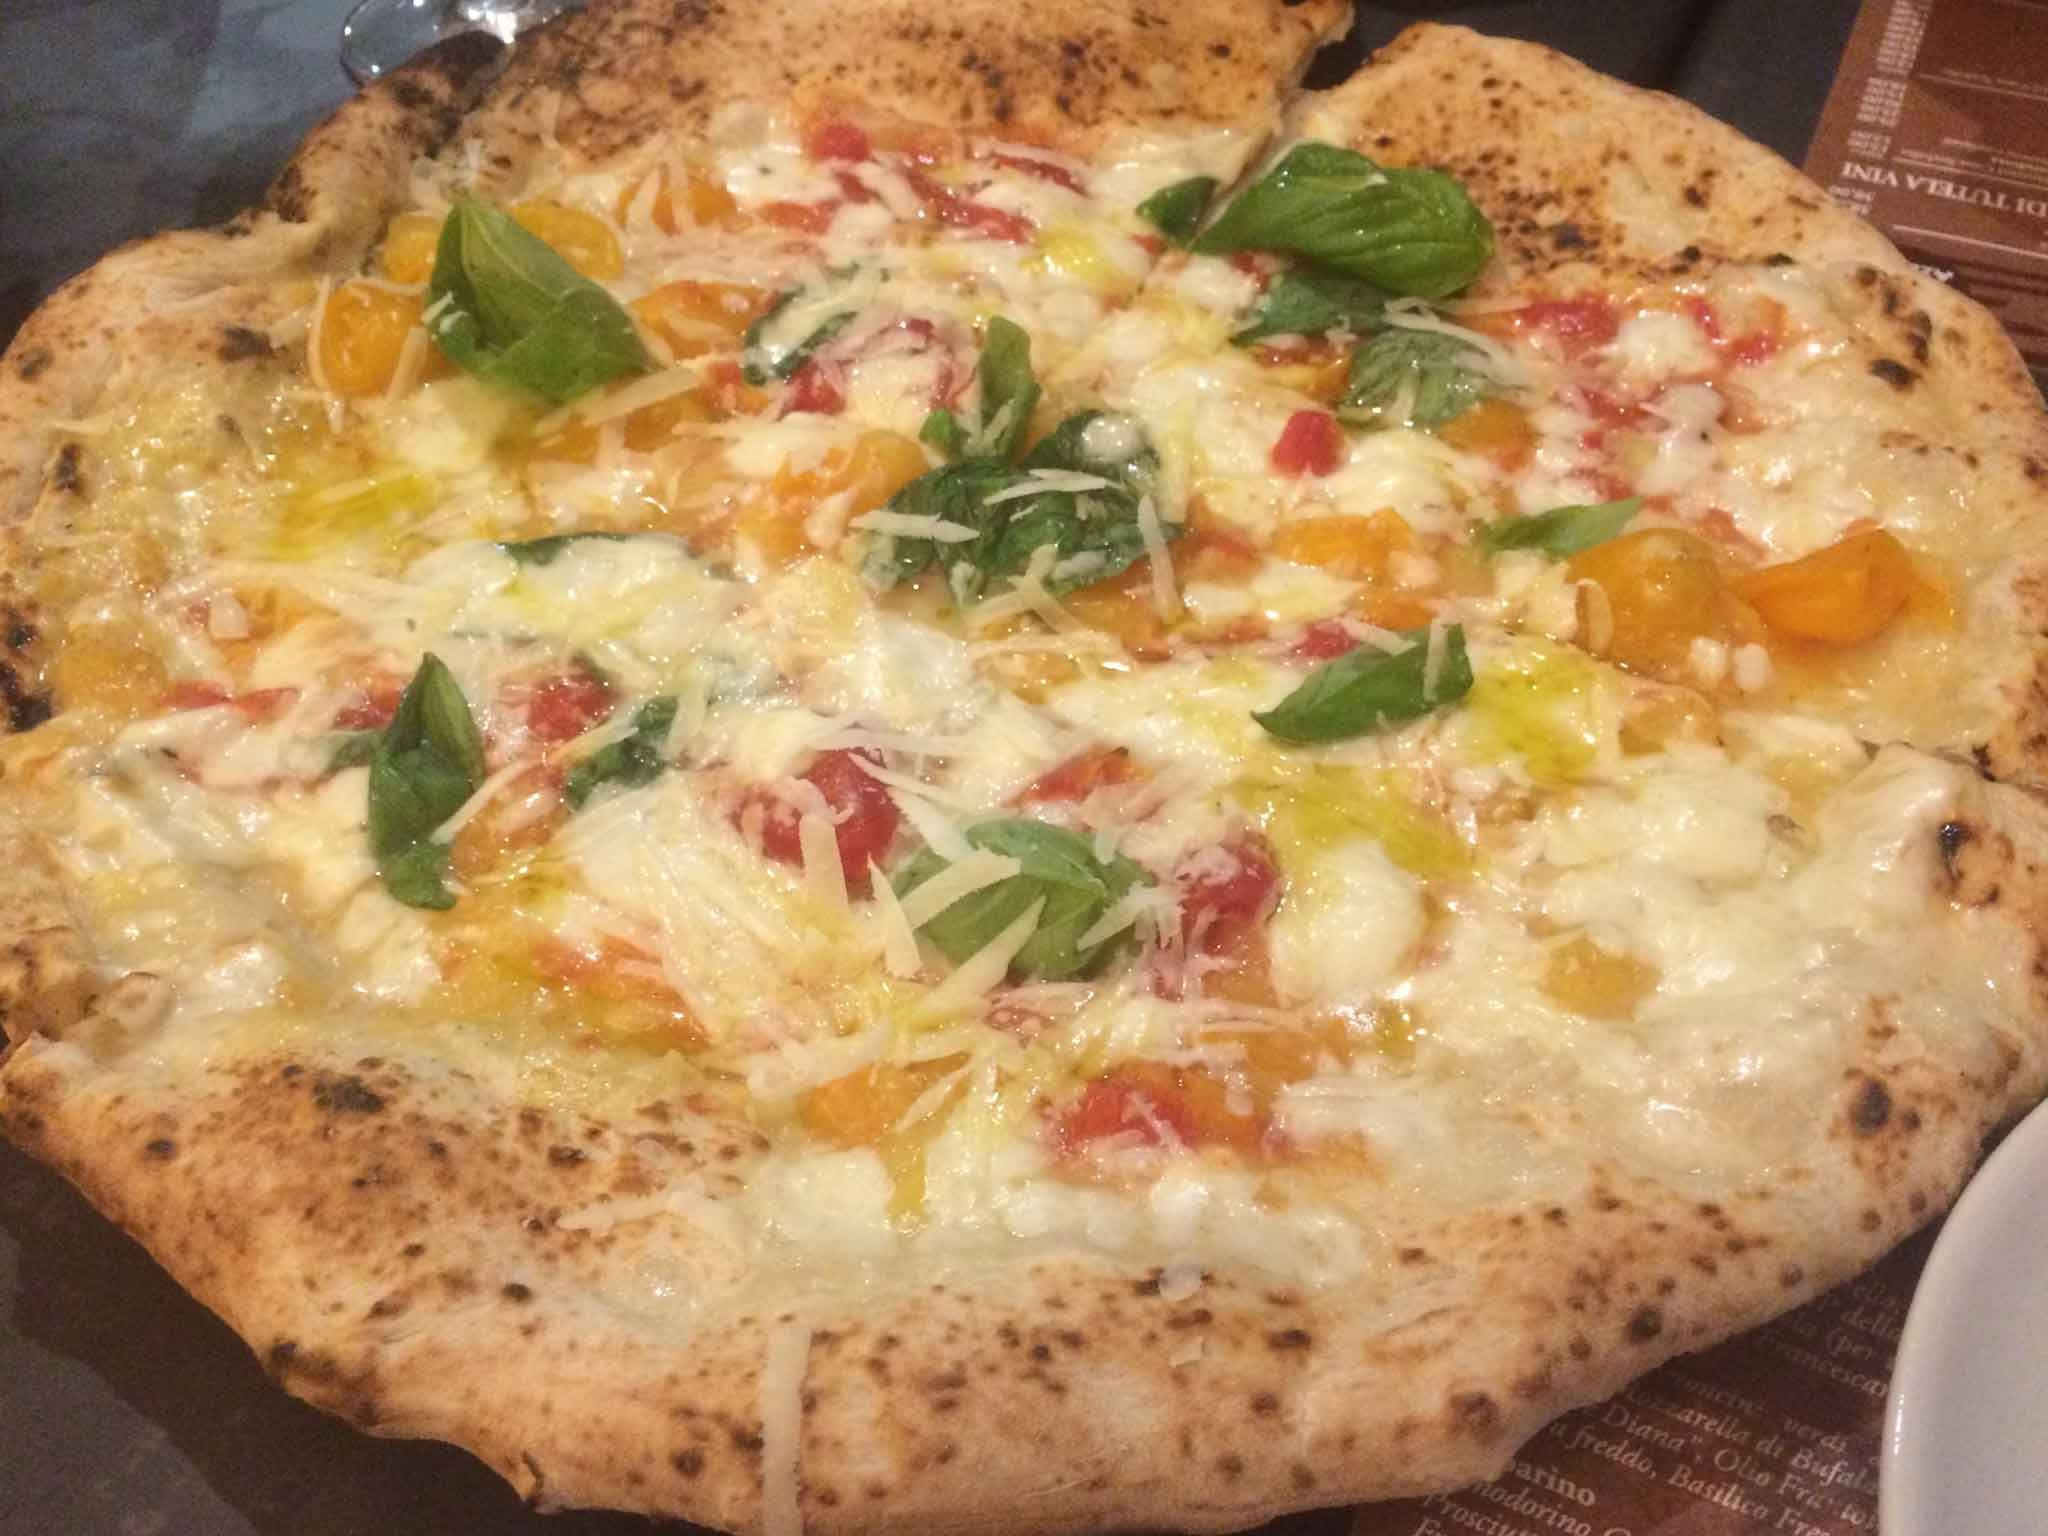 sorbillo-olio-a-crudo-pizza-lucariello-spunzillo-2